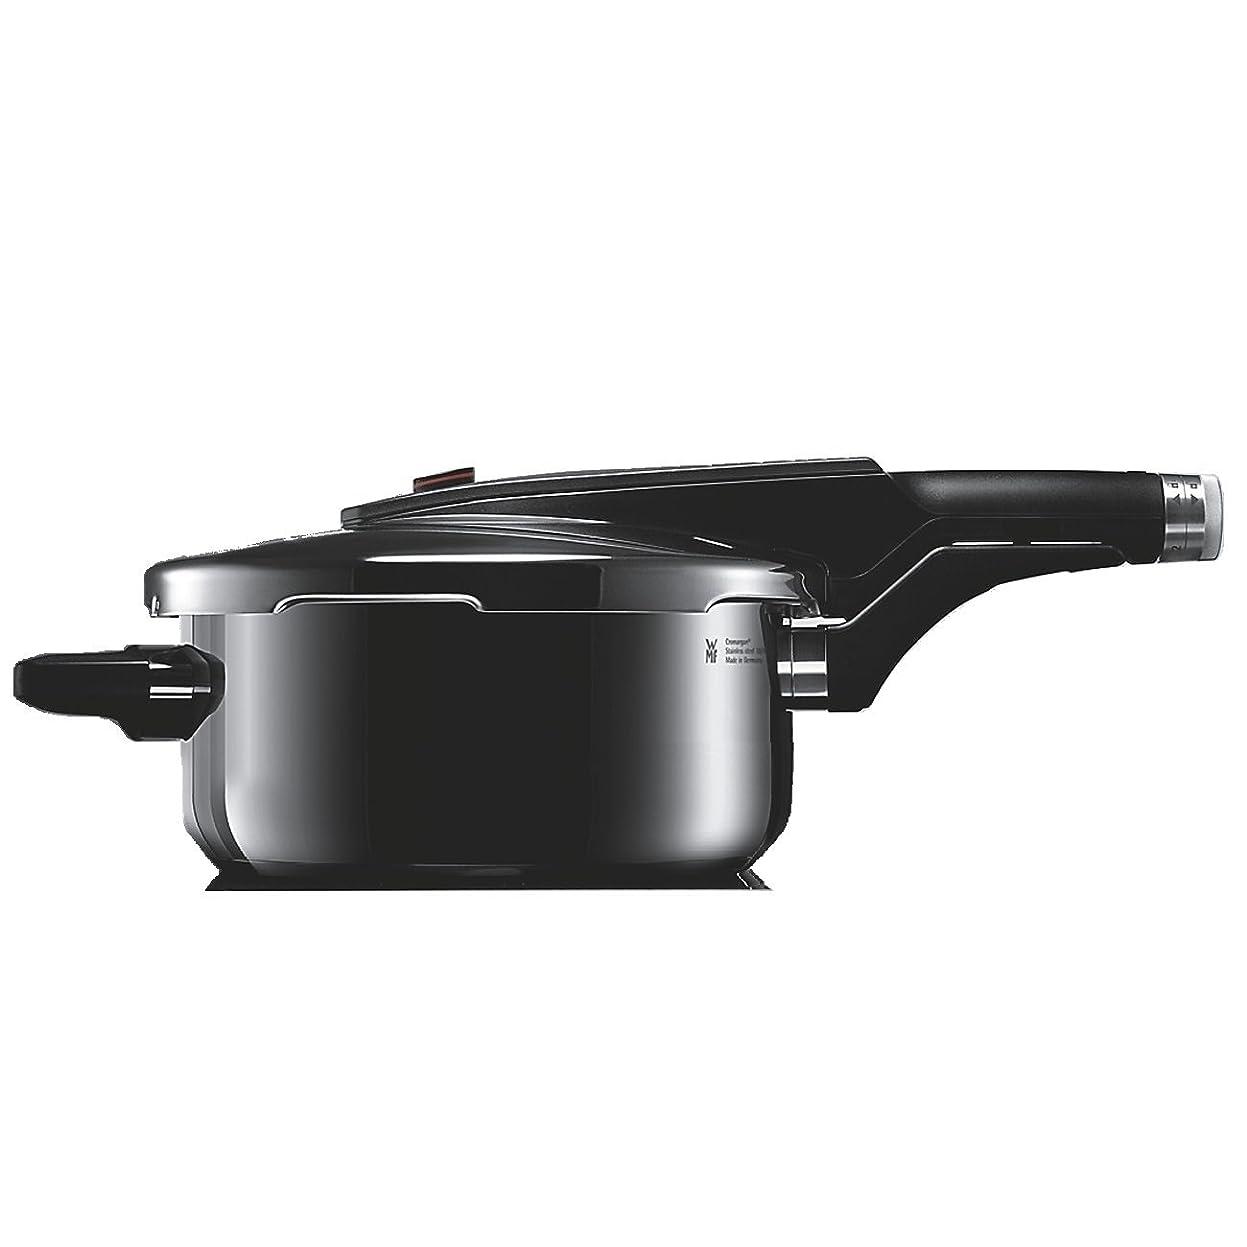 オリエンタルジャンク入場料WMF パーフェクトプロ圧力鍋 3.0L W0796216440